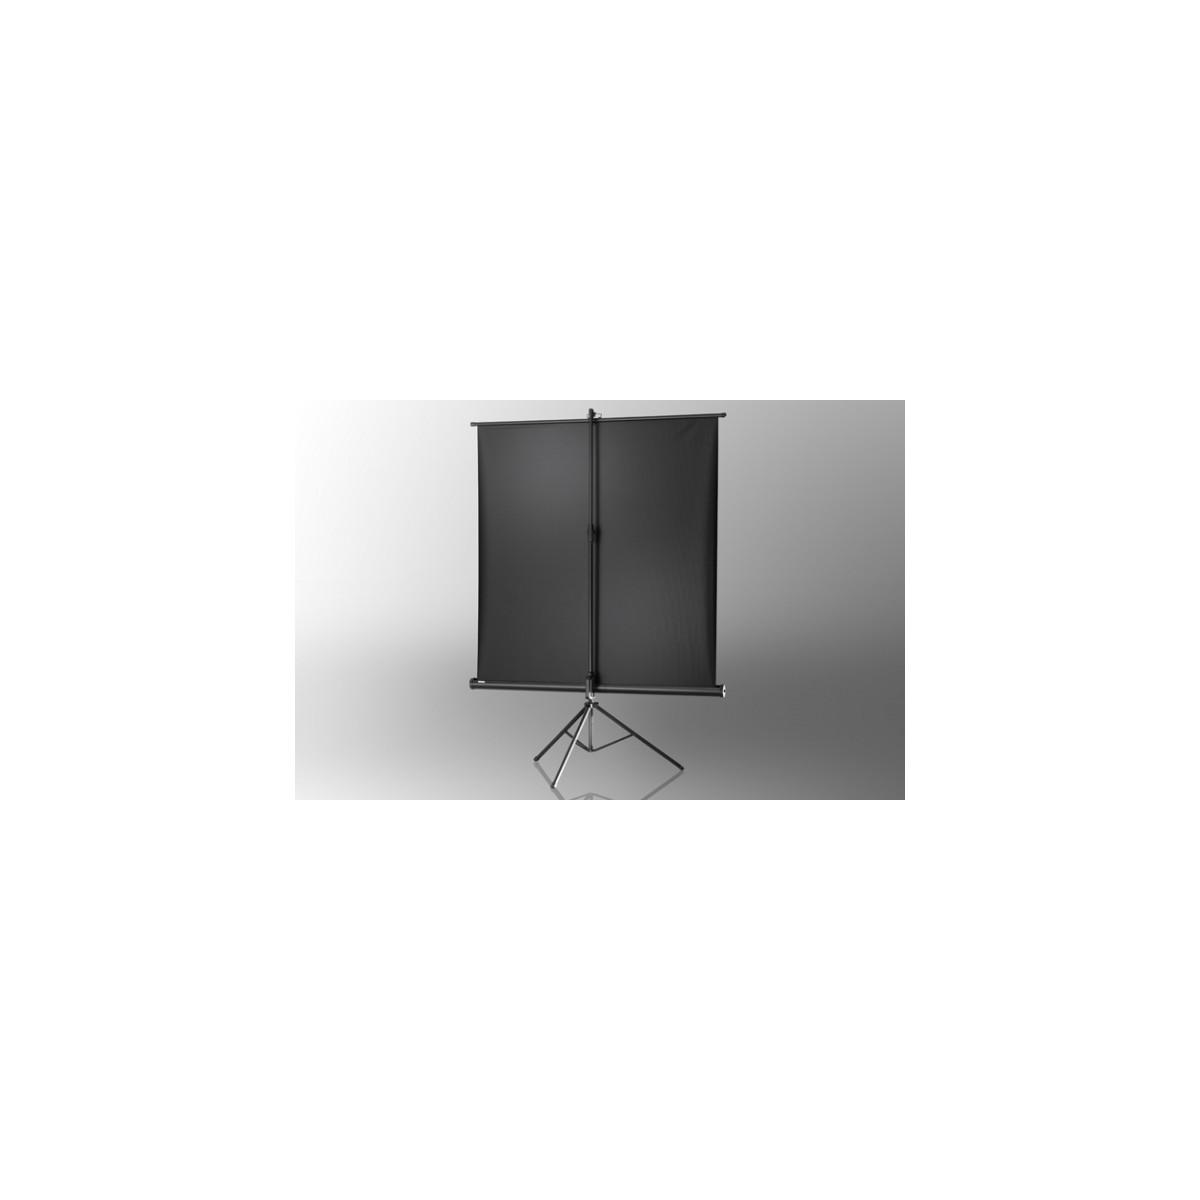 ecran de projection sur pied celexon economy 133 x 100 cm. Black Bedroom Furniture Sets. Home Design Ideas